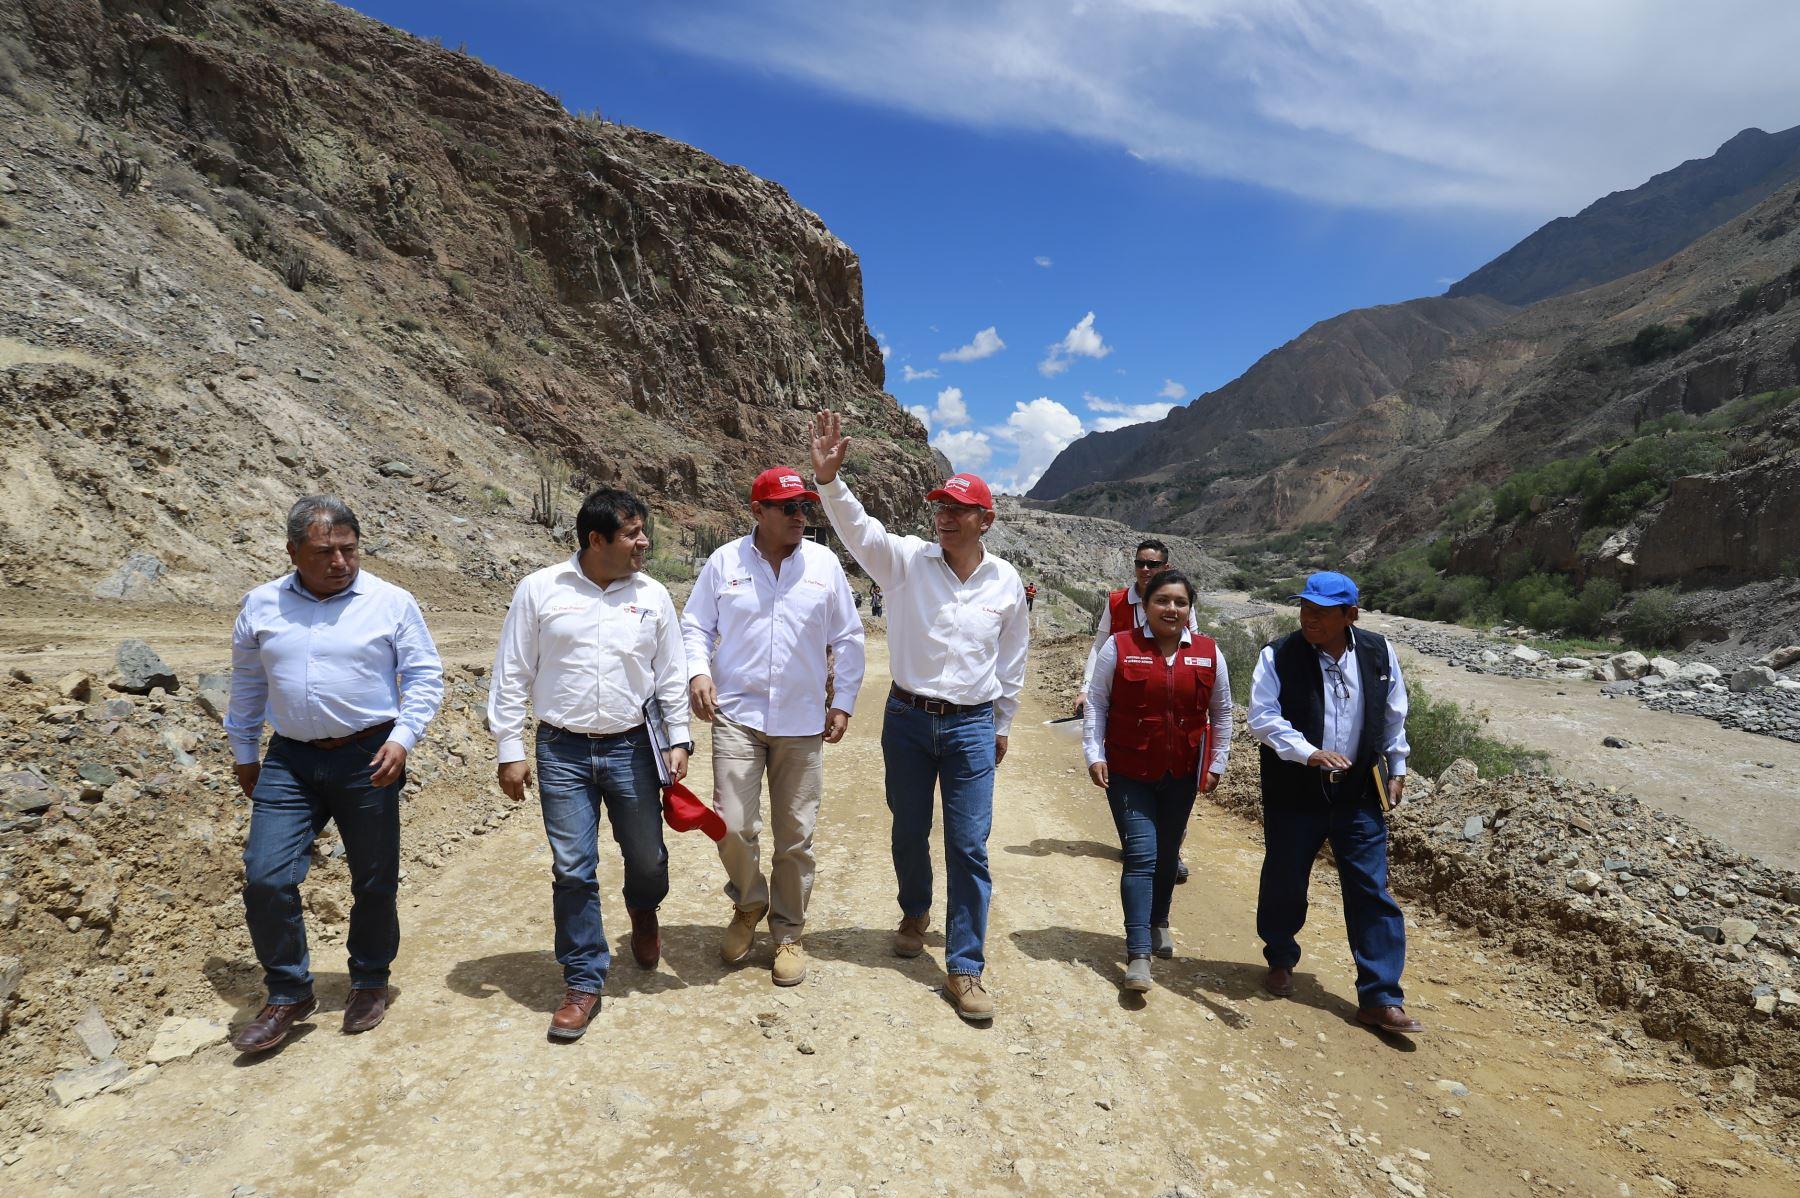 Presidente de la República Martin Vizcarra inspecciona las obras de rehabilitación y mejoramiento de la carretera Moquegua - Omate – Arequipa, intervención que beneficiará a más de 23 mil ciudadanos de la región. Foto: ANDINA/ Prensa Presidencia